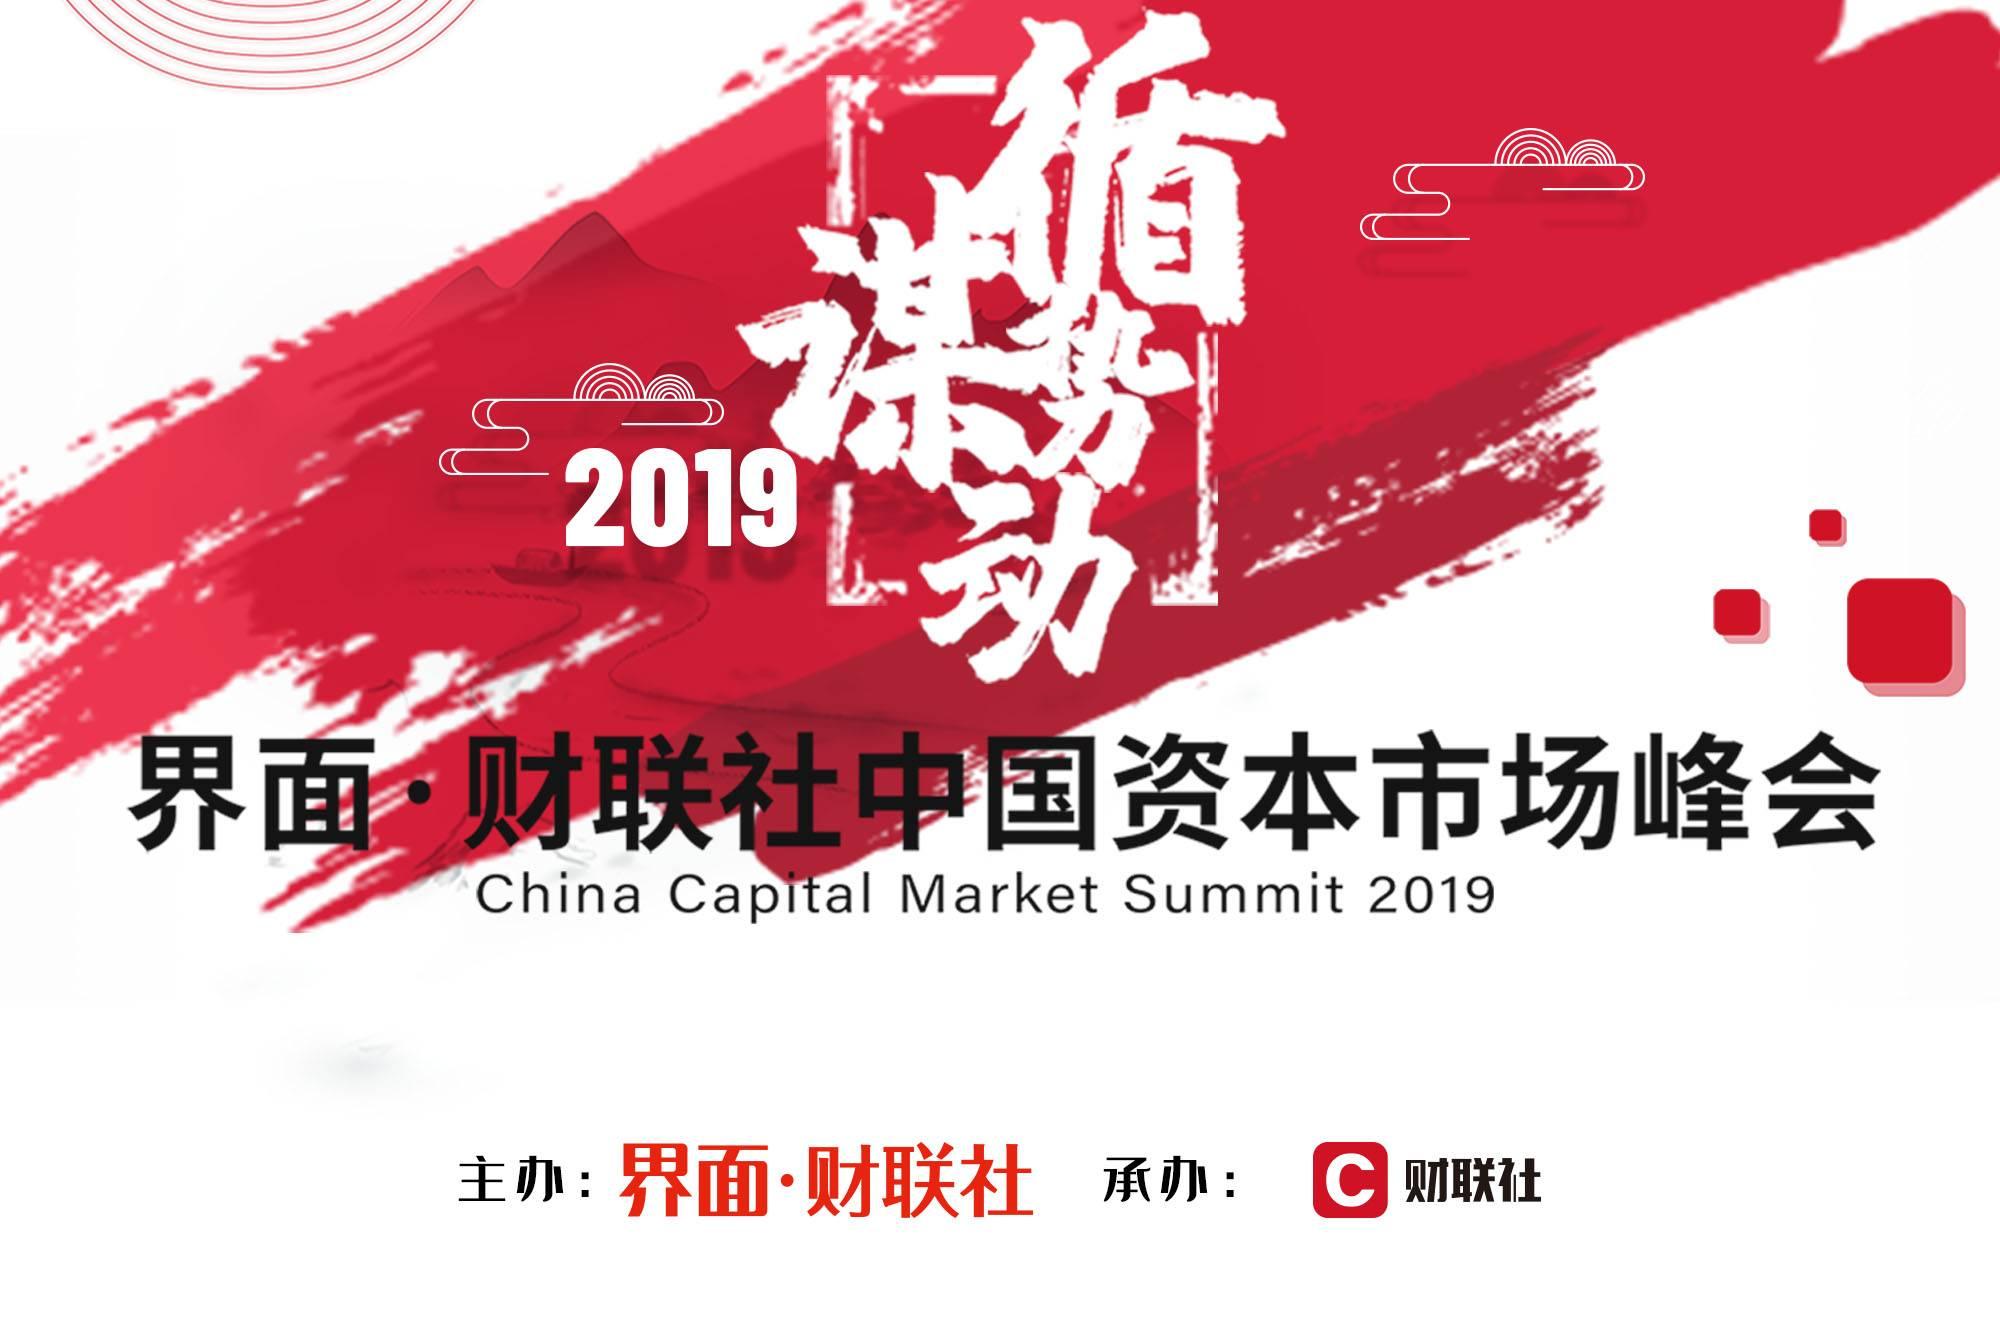 2019界面财联社中国资本市场峰会